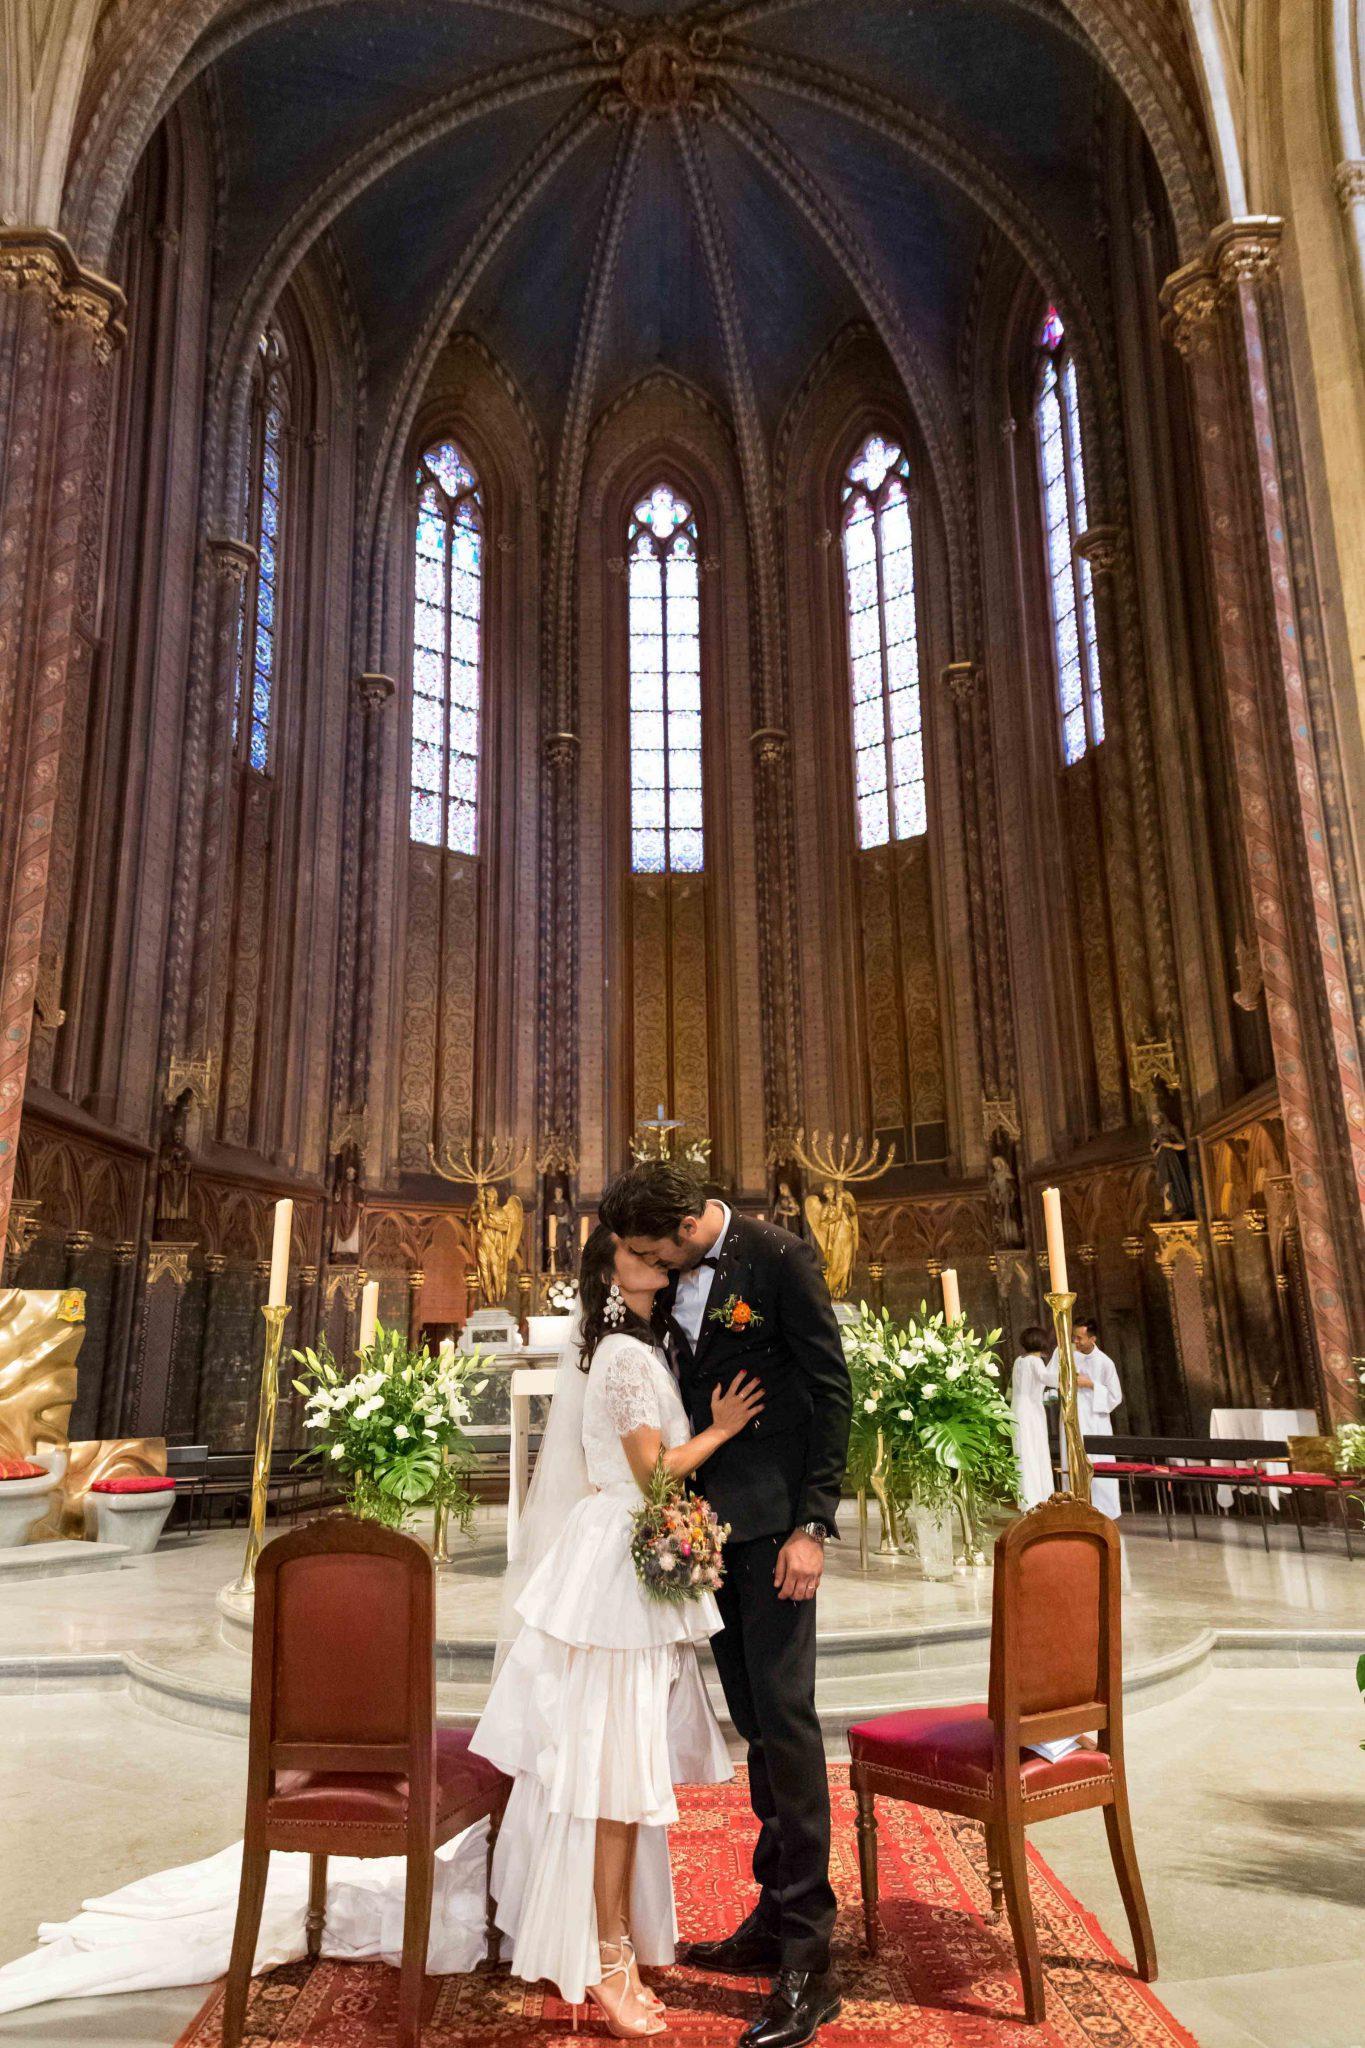 KISS Cathédrale Saint-Sauveur d\'Aix-en-Provence